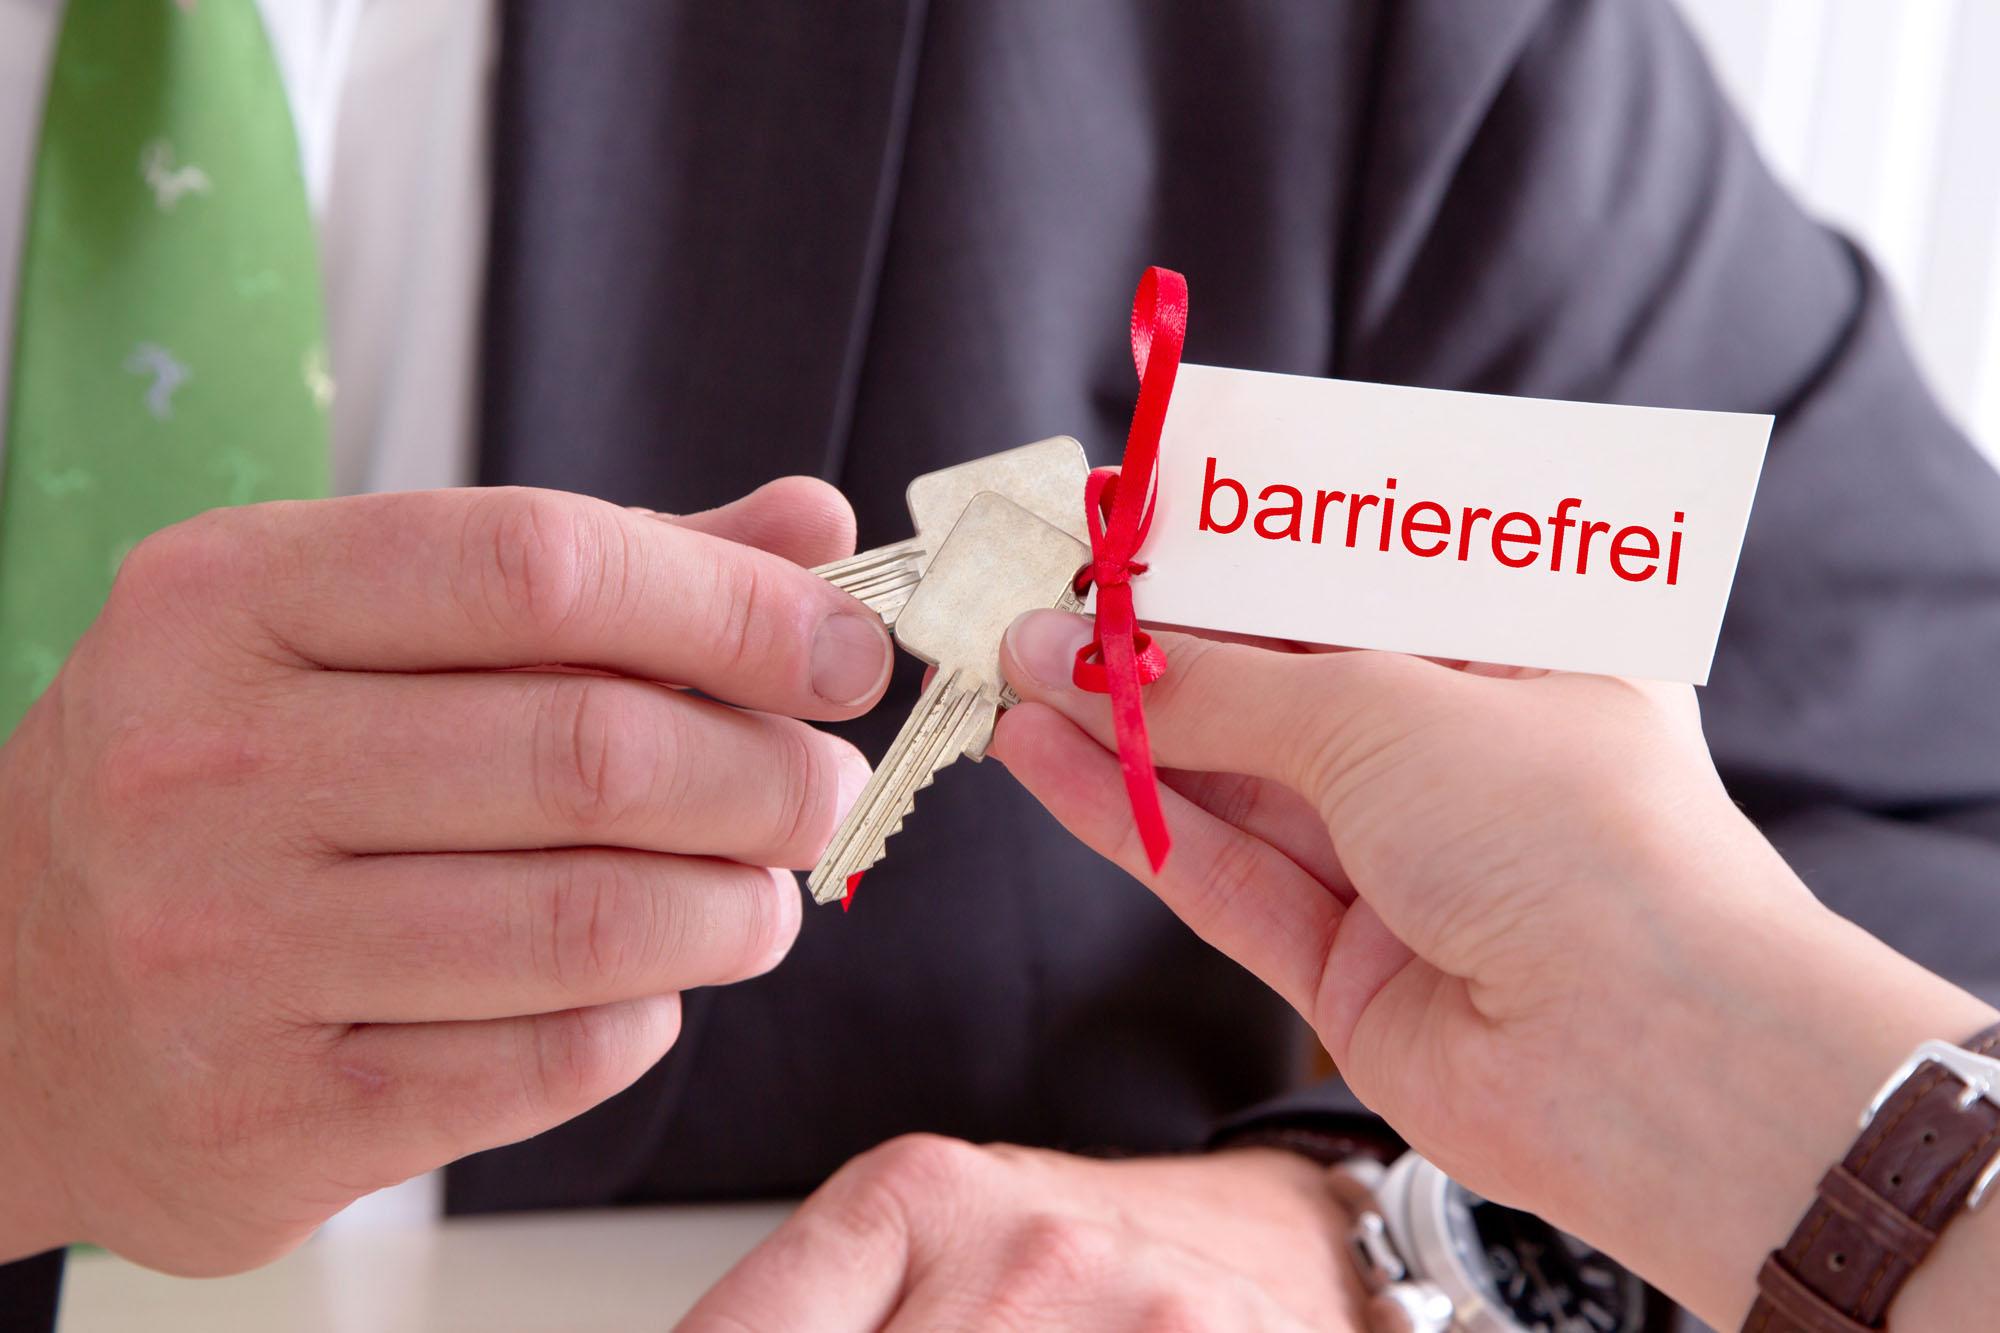 Schlüssel zur barrierefreien Wohnung